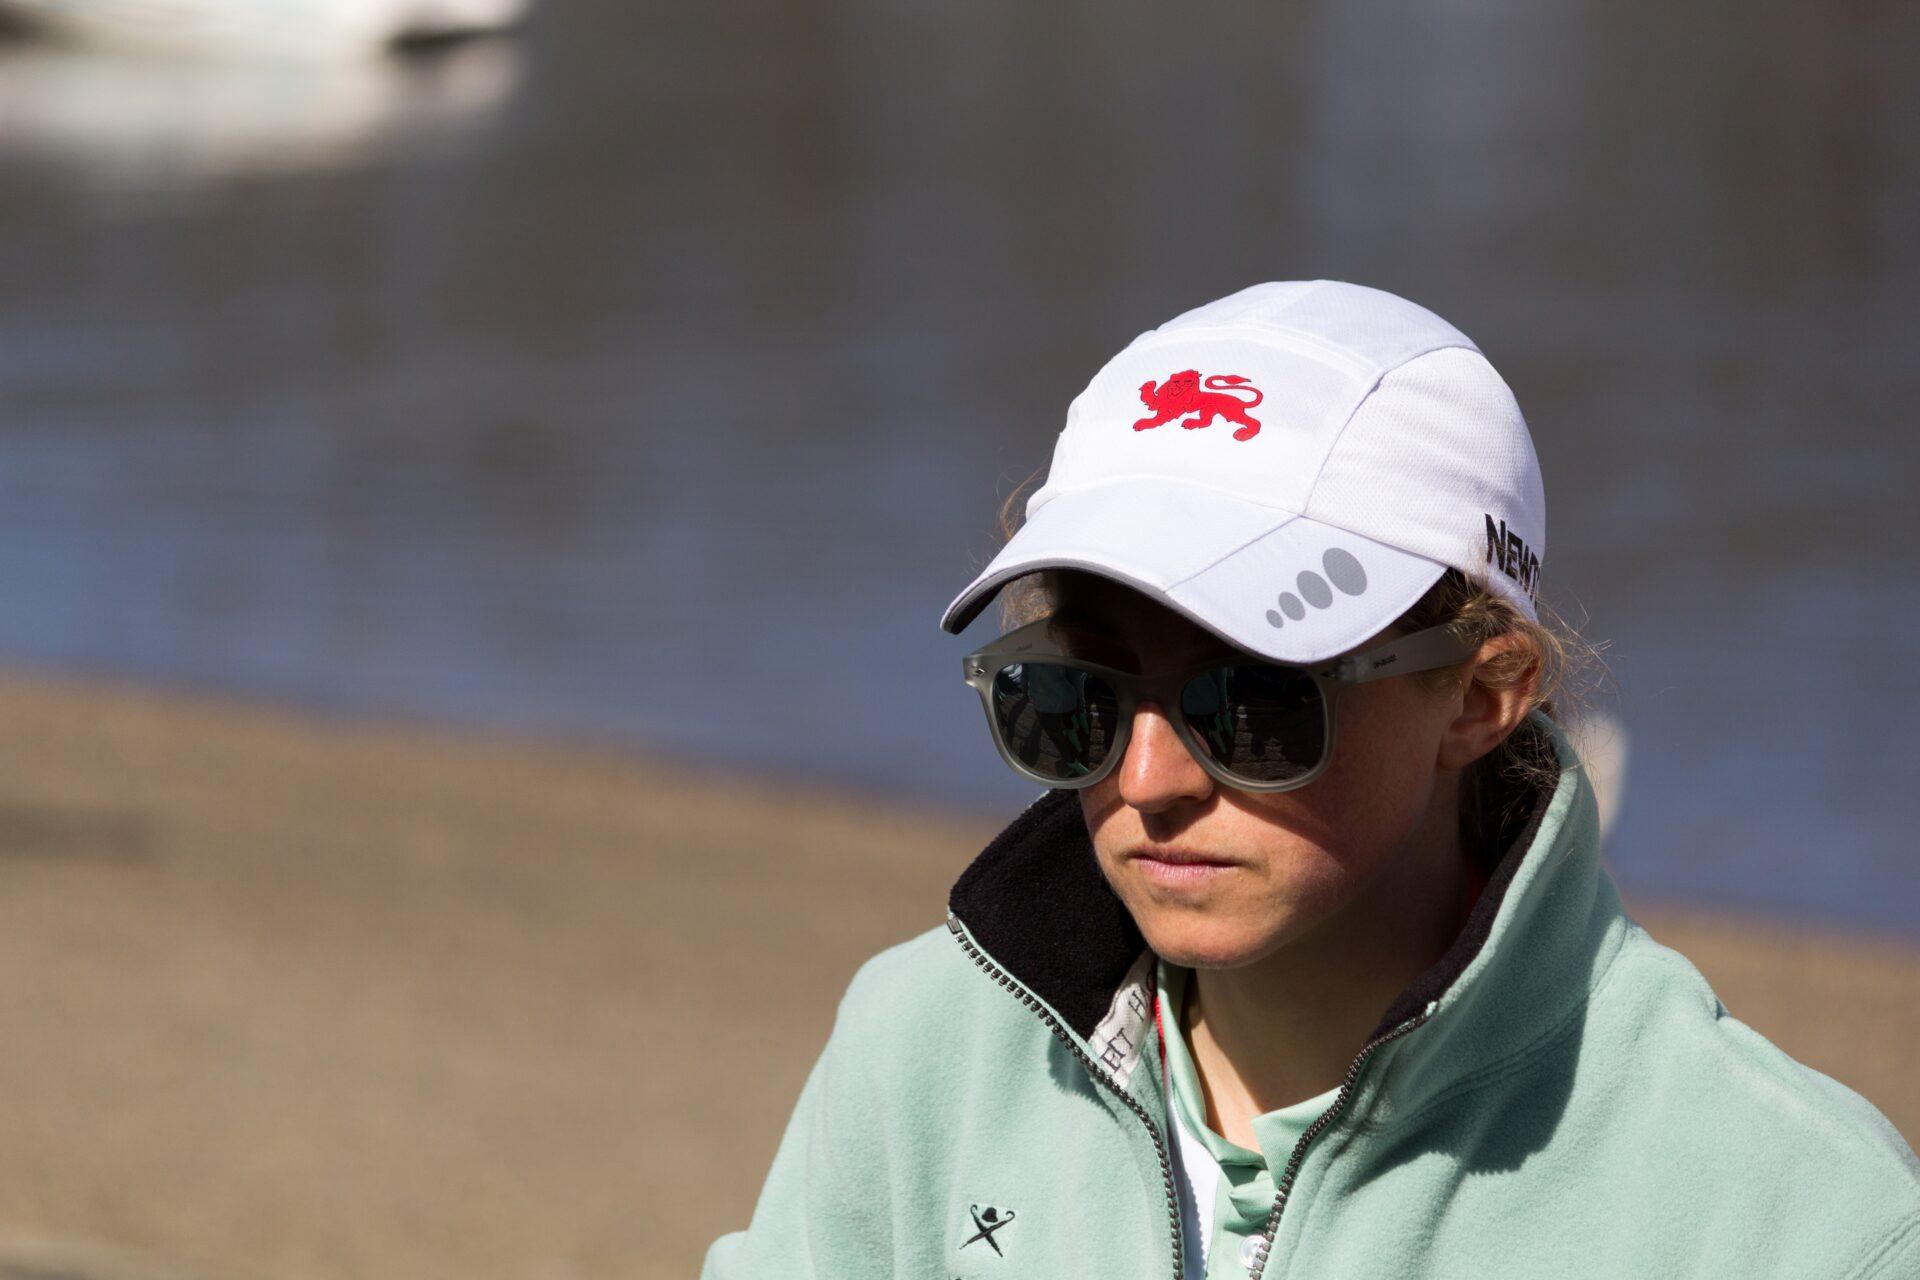 Rosemary Ostfeld at the 2015 Boat Race